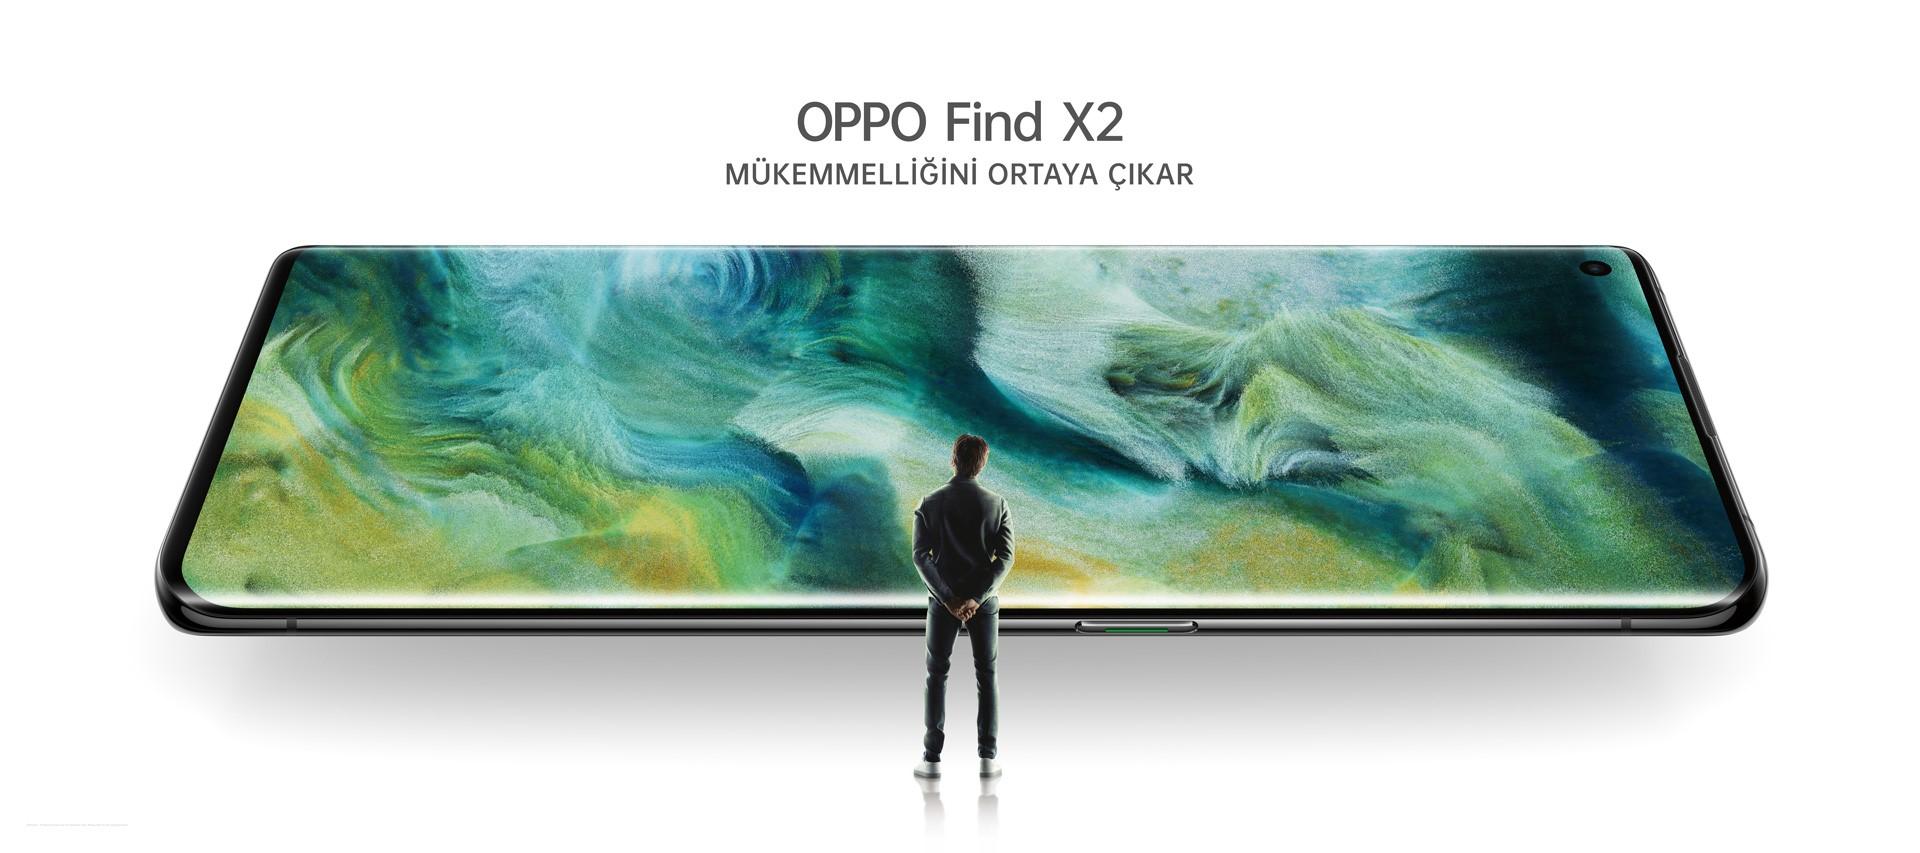 OPPO Find X2 Resmen Ortaya Çıktı! Muhteşem olmuuş!!!!